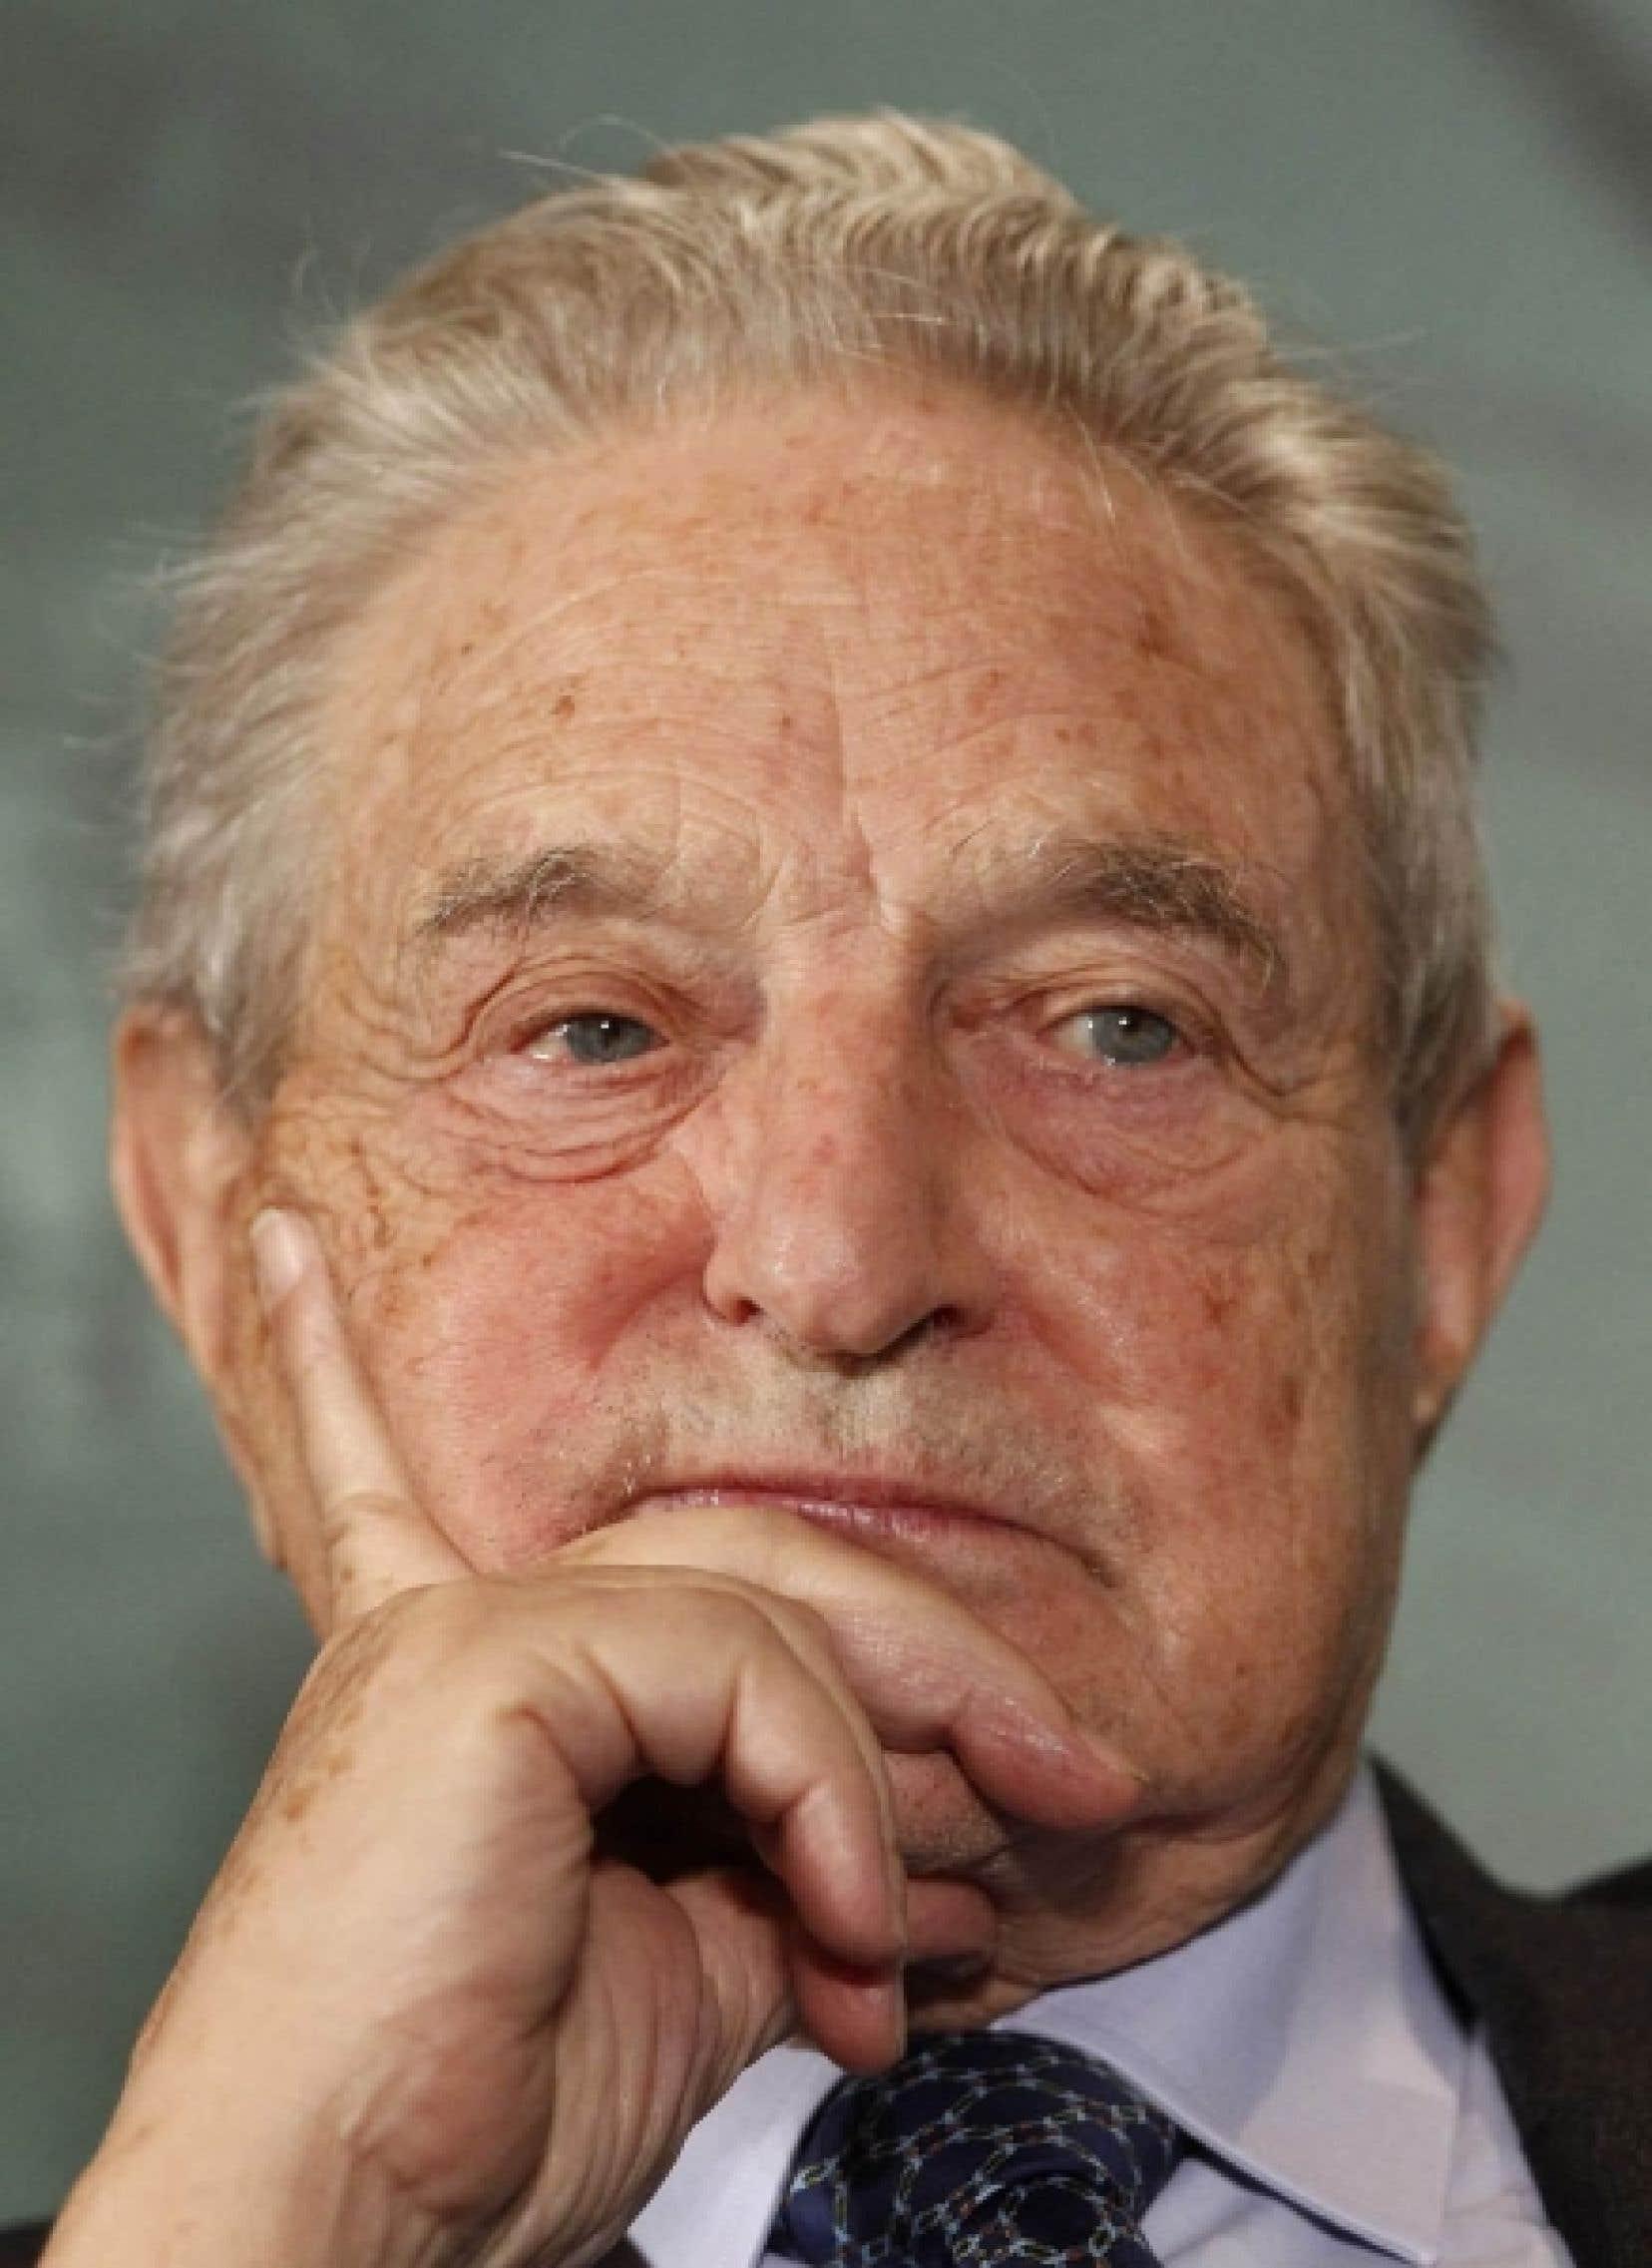 &laquo;J&rsquo;ai de la sympathie pour leurs opinions&raquo;, dit George Soros<br />